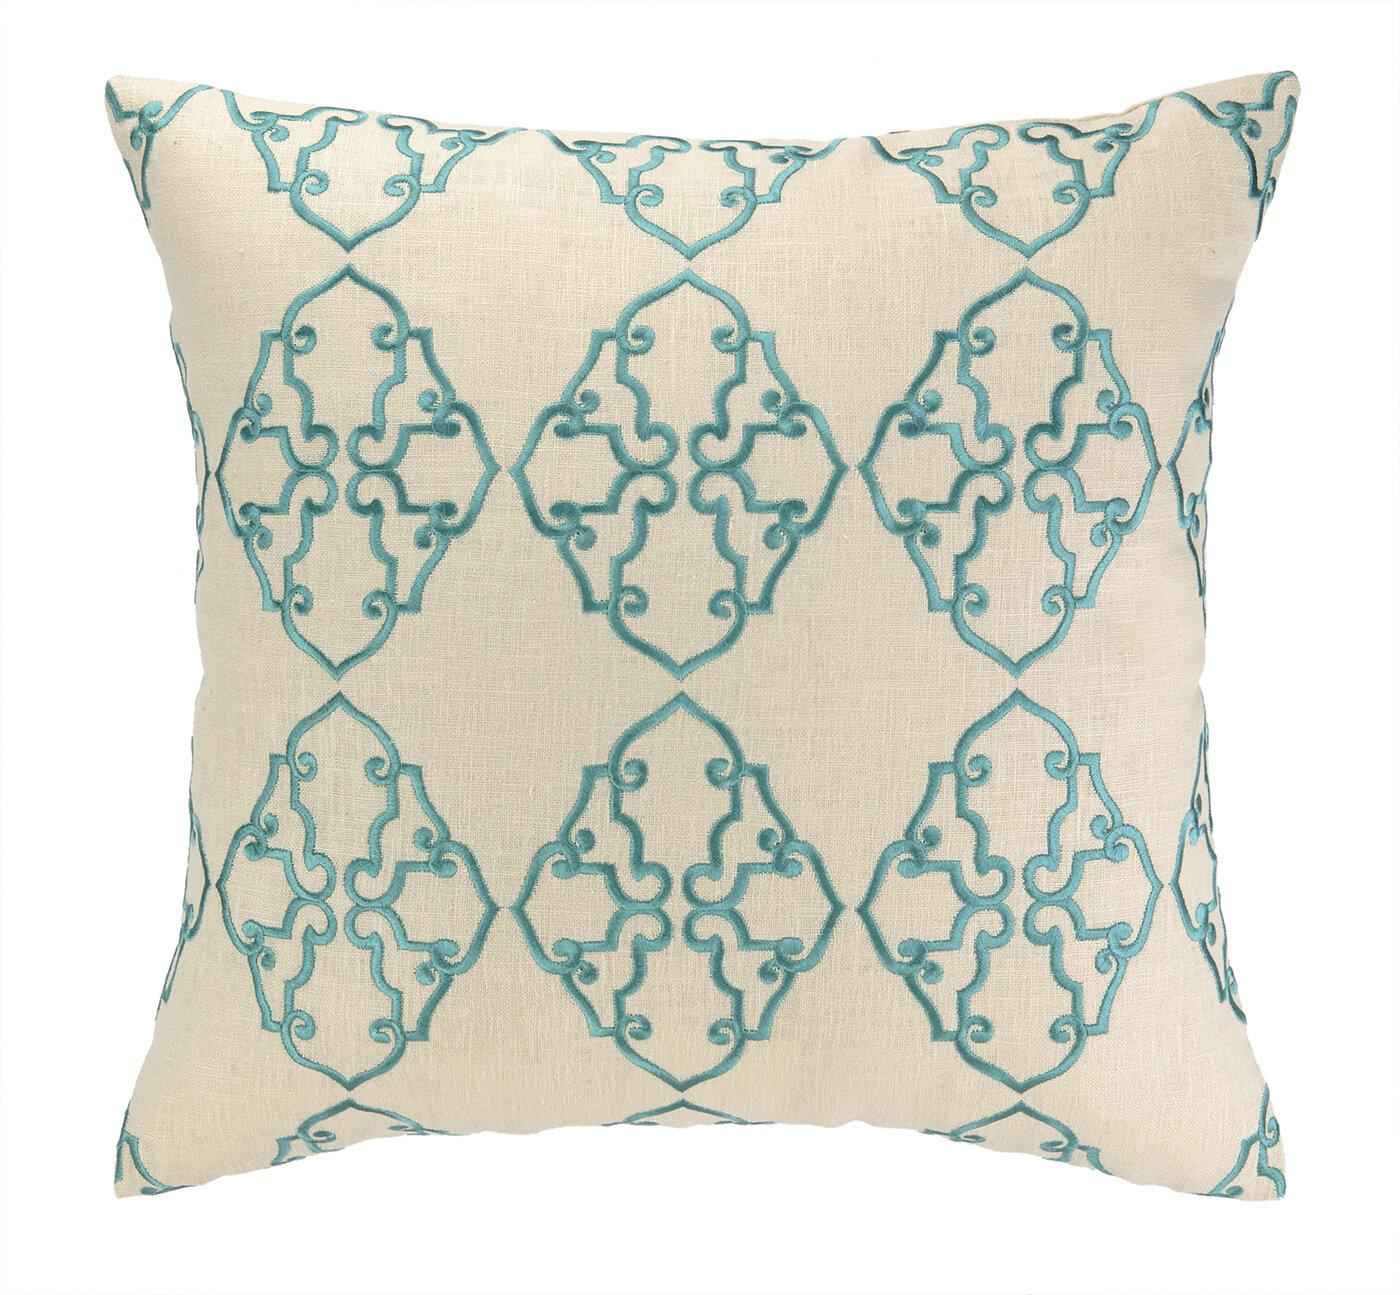 D L Rhein Filigree Embroidered Decorative Linen Throw Pillow Wayfair